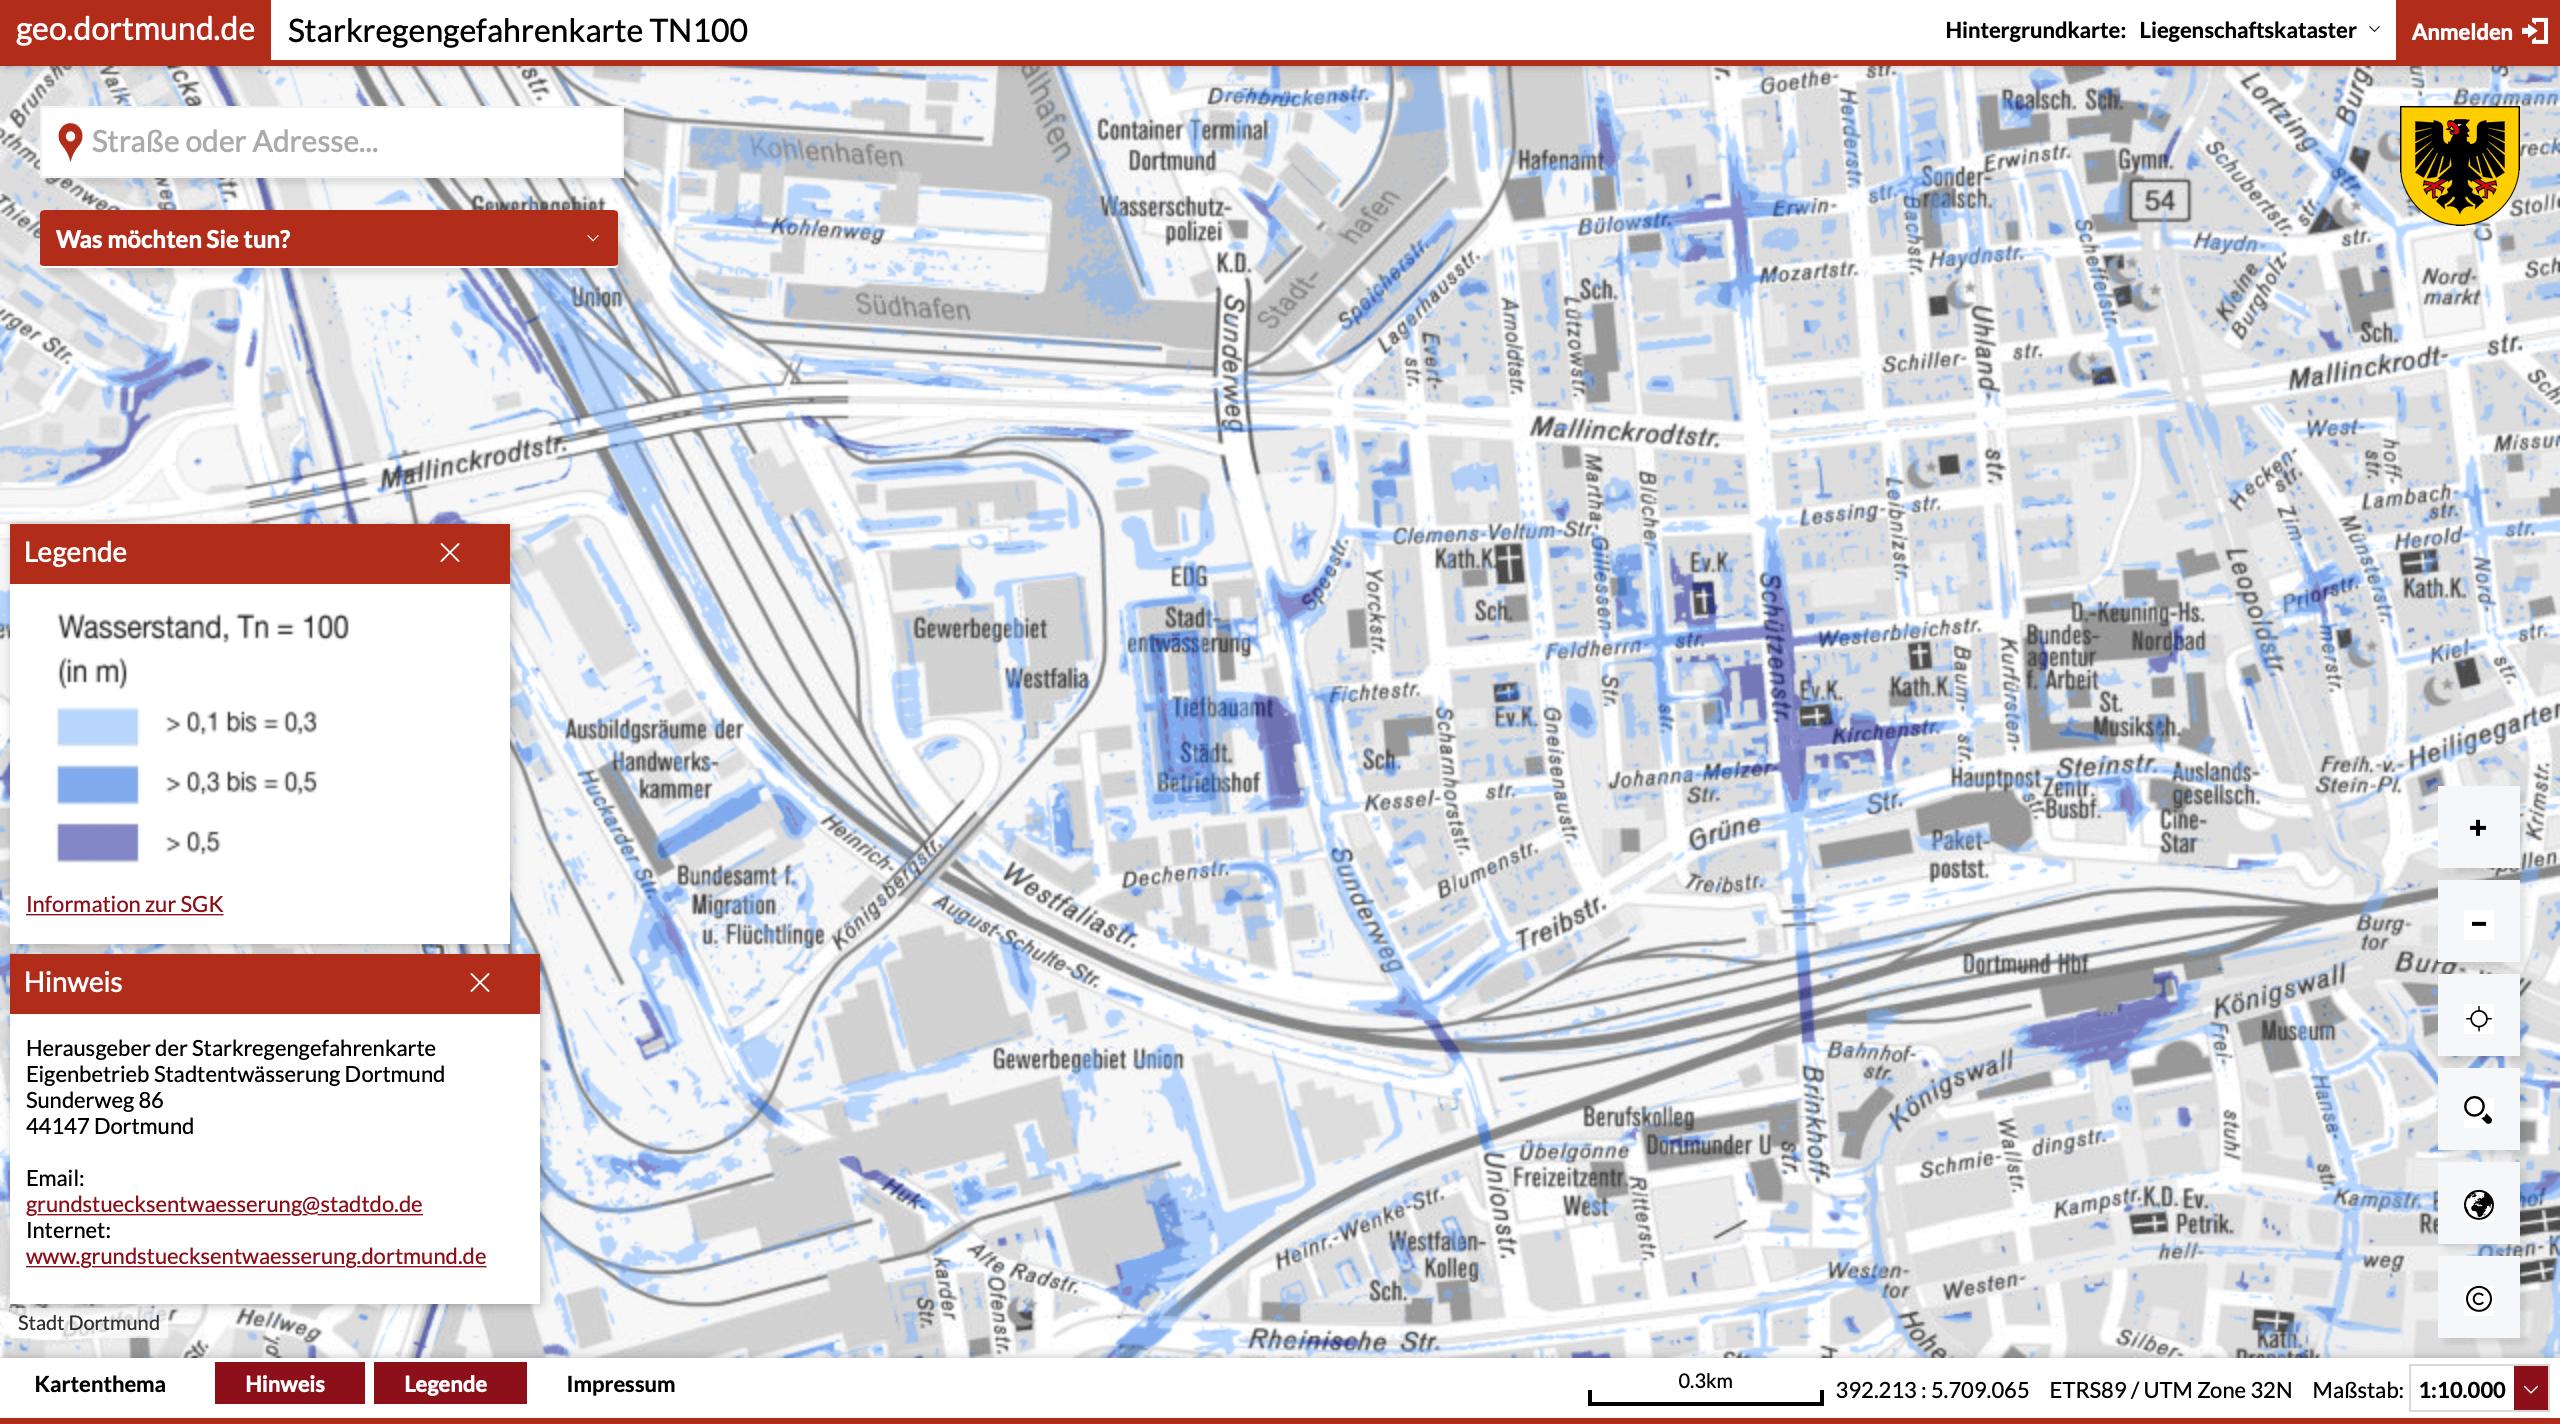 Starkregengefahrenkarten: Klimakrise drängt Kommunen zu mehr Transparenz